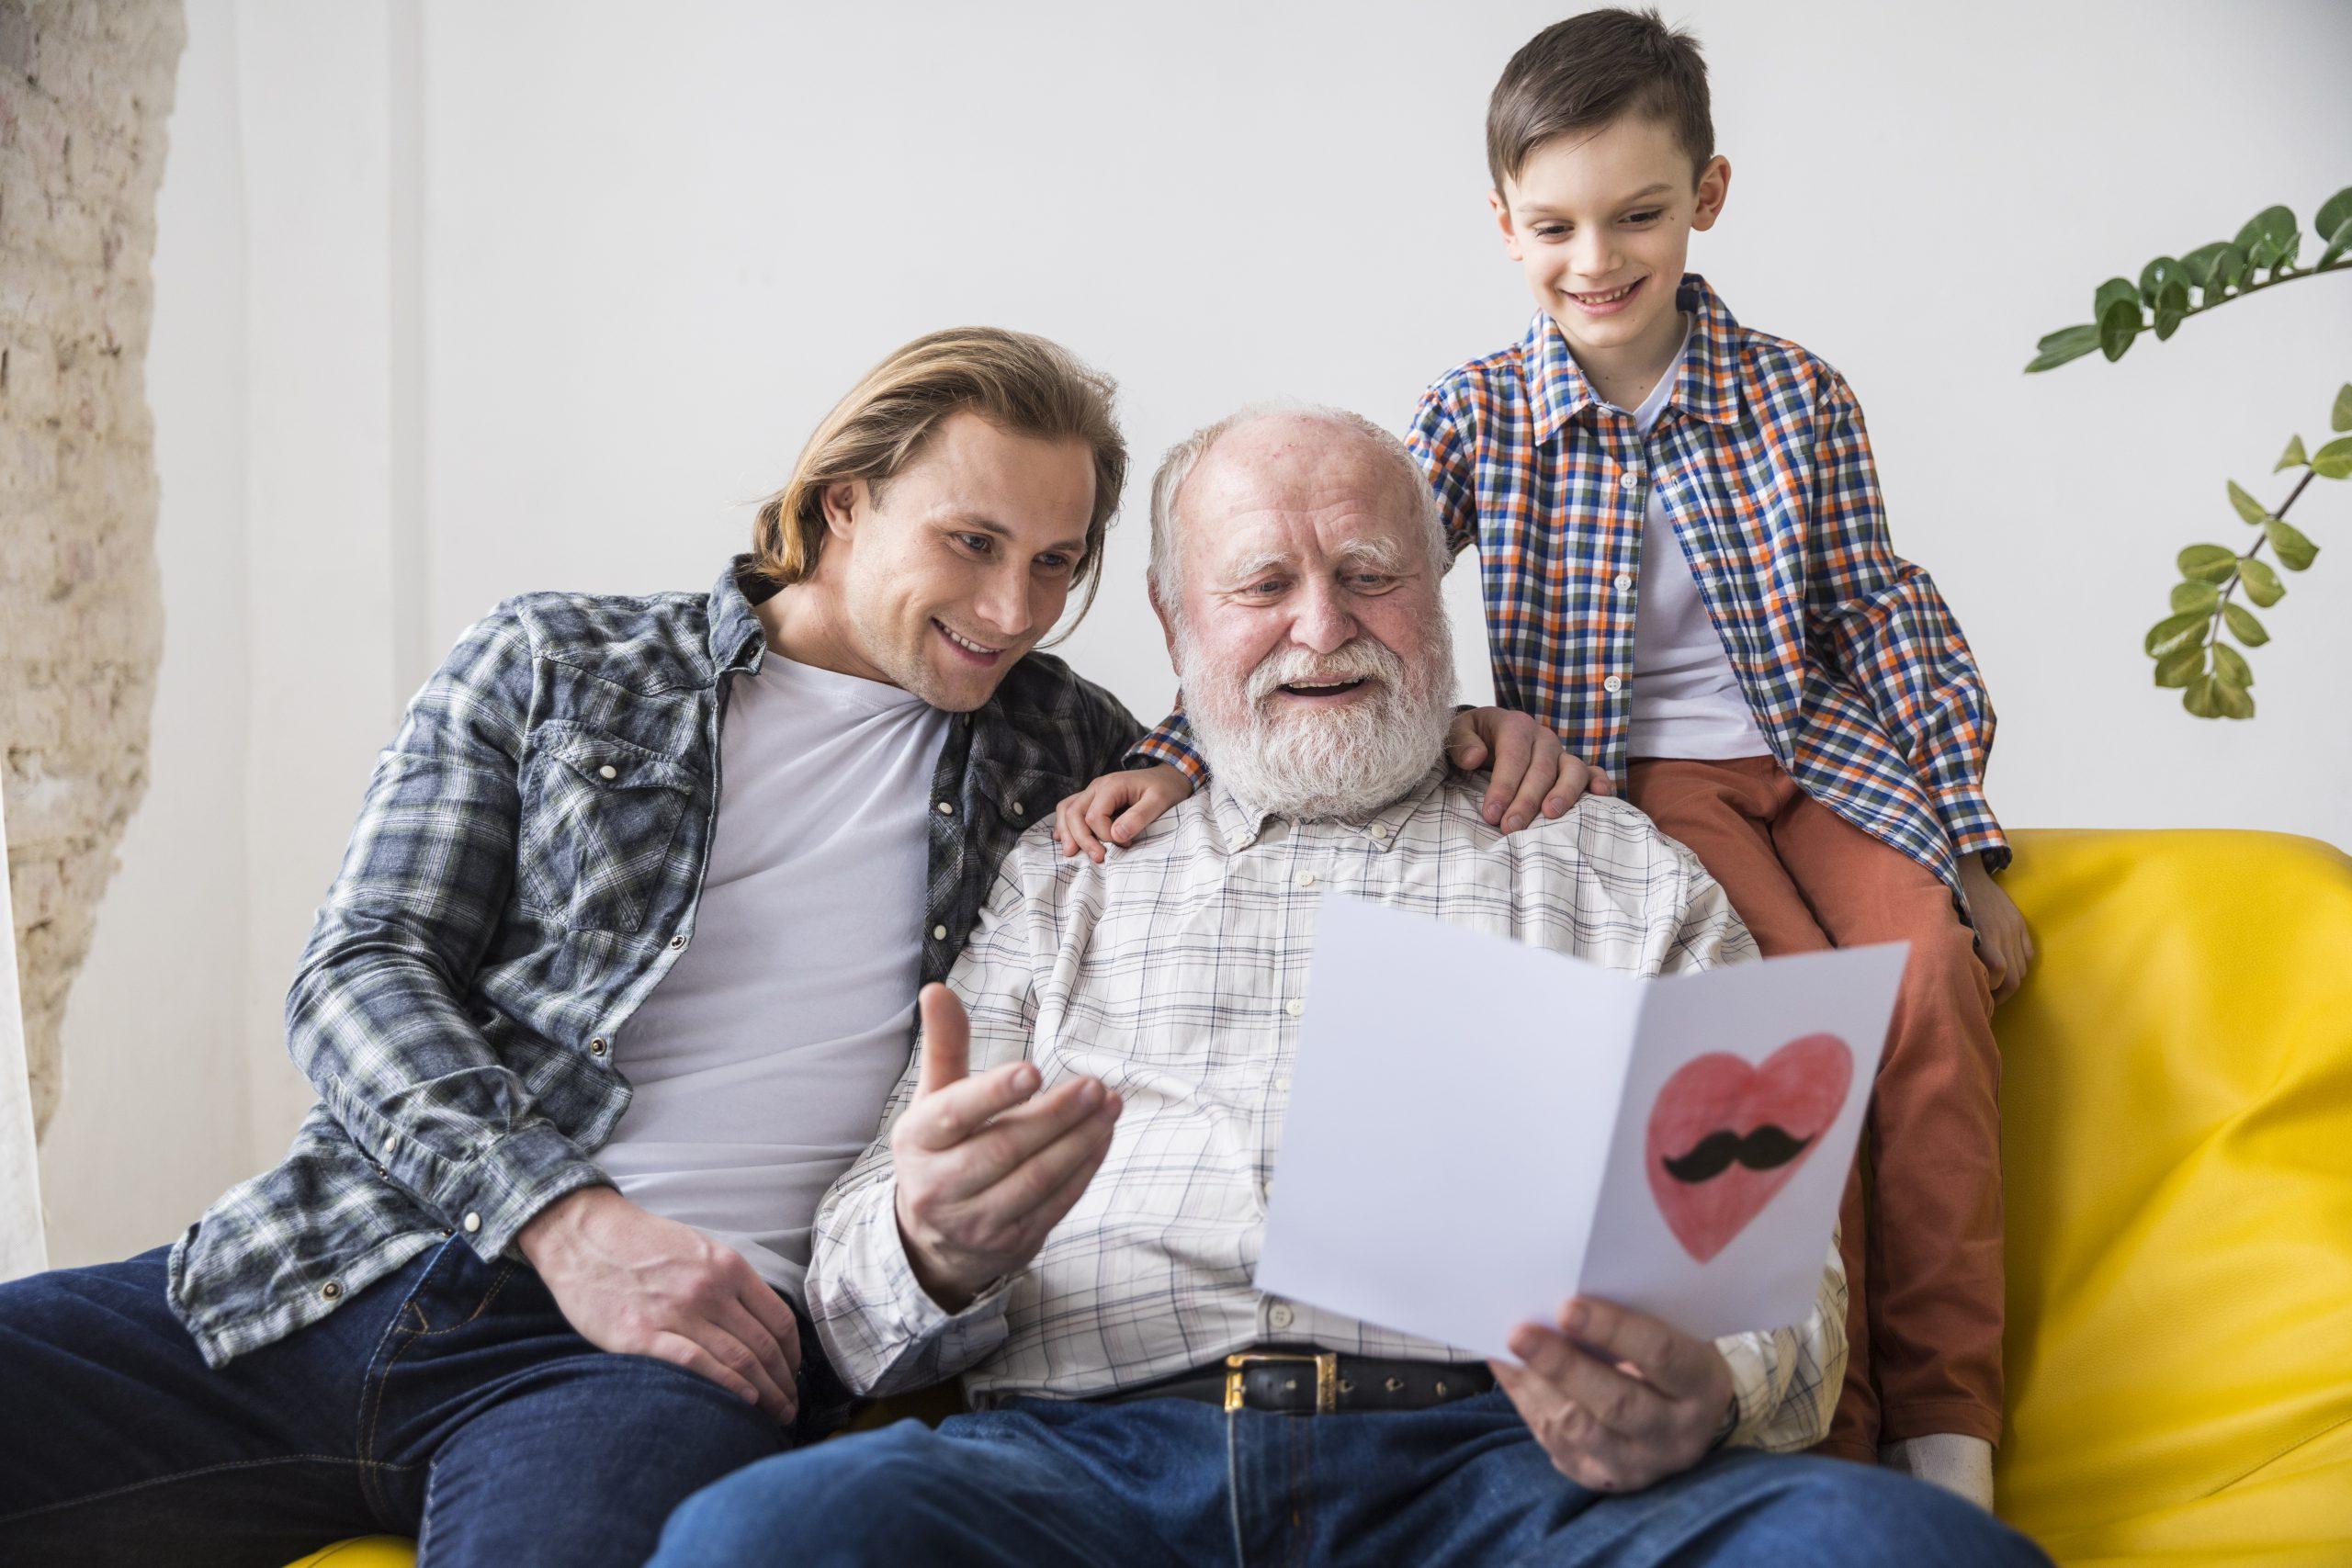 با پدر و مادر خود برسر شیوه مراقبت از کودکتان اختلاف نظر دارید؟ این مطلب را از دست ندهید